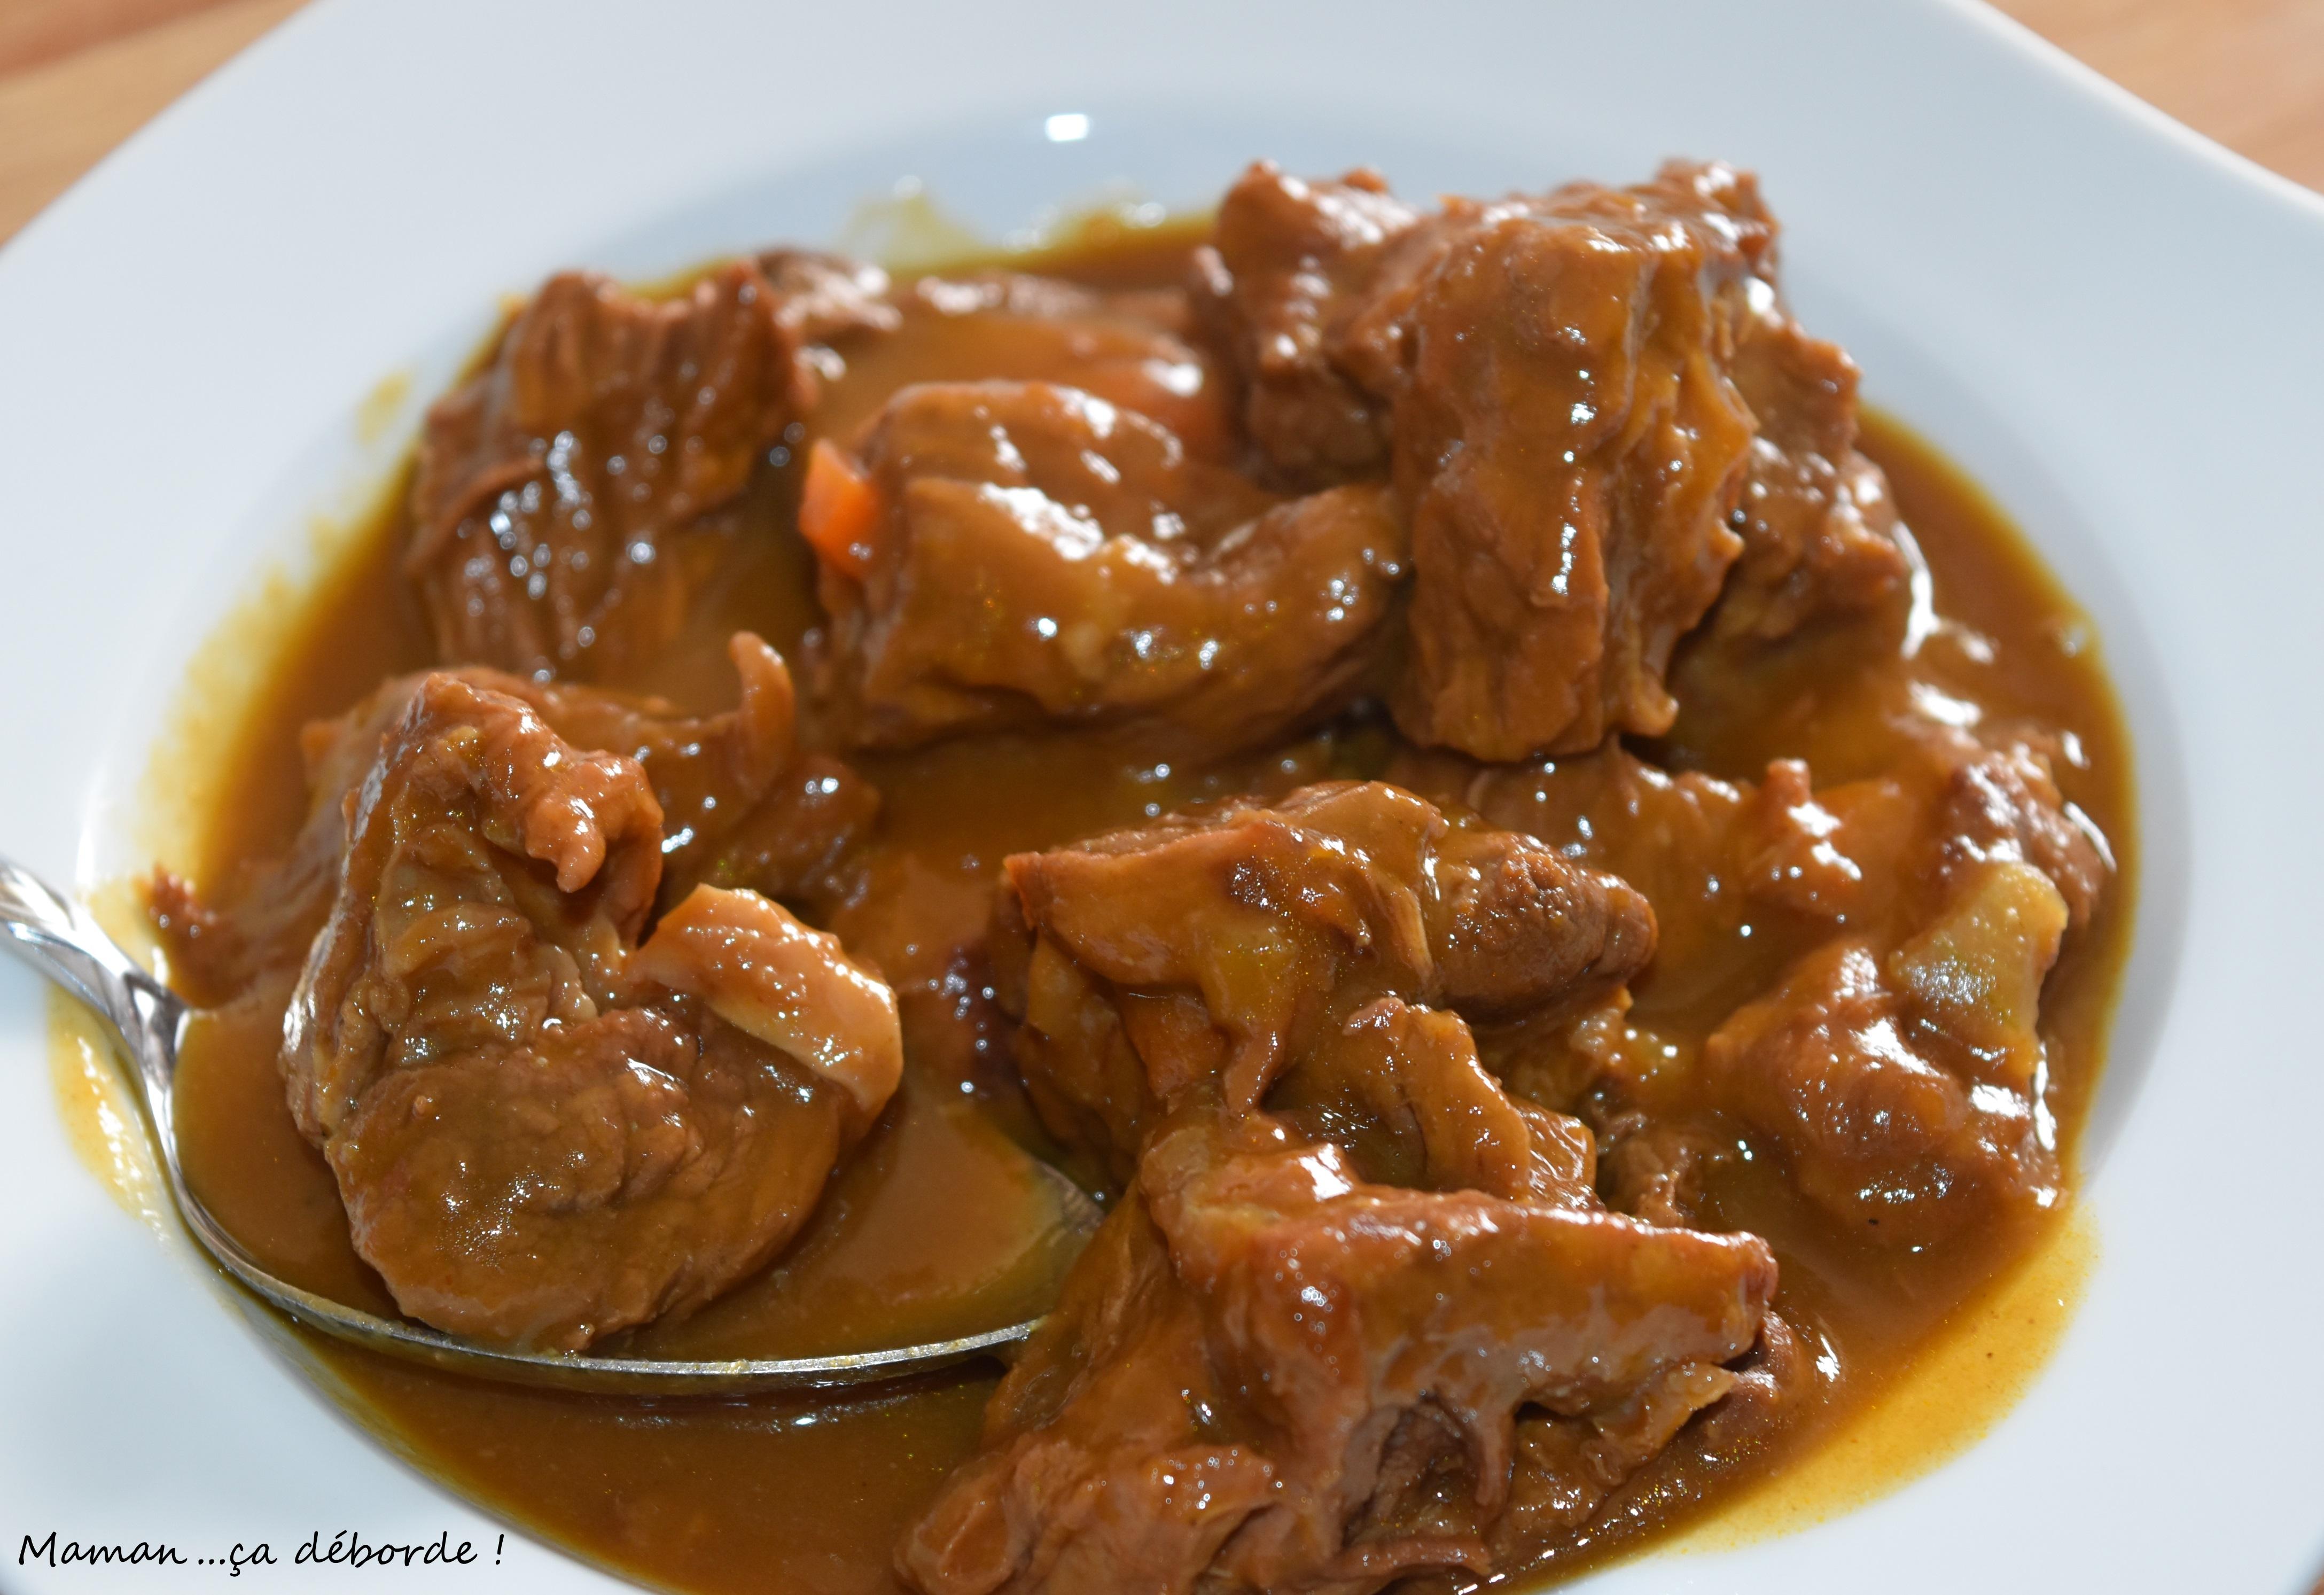 Mijot de boeuf au sirop d 39 rable maman a d borde - Comment cuisiner du jarret de boeuf ...